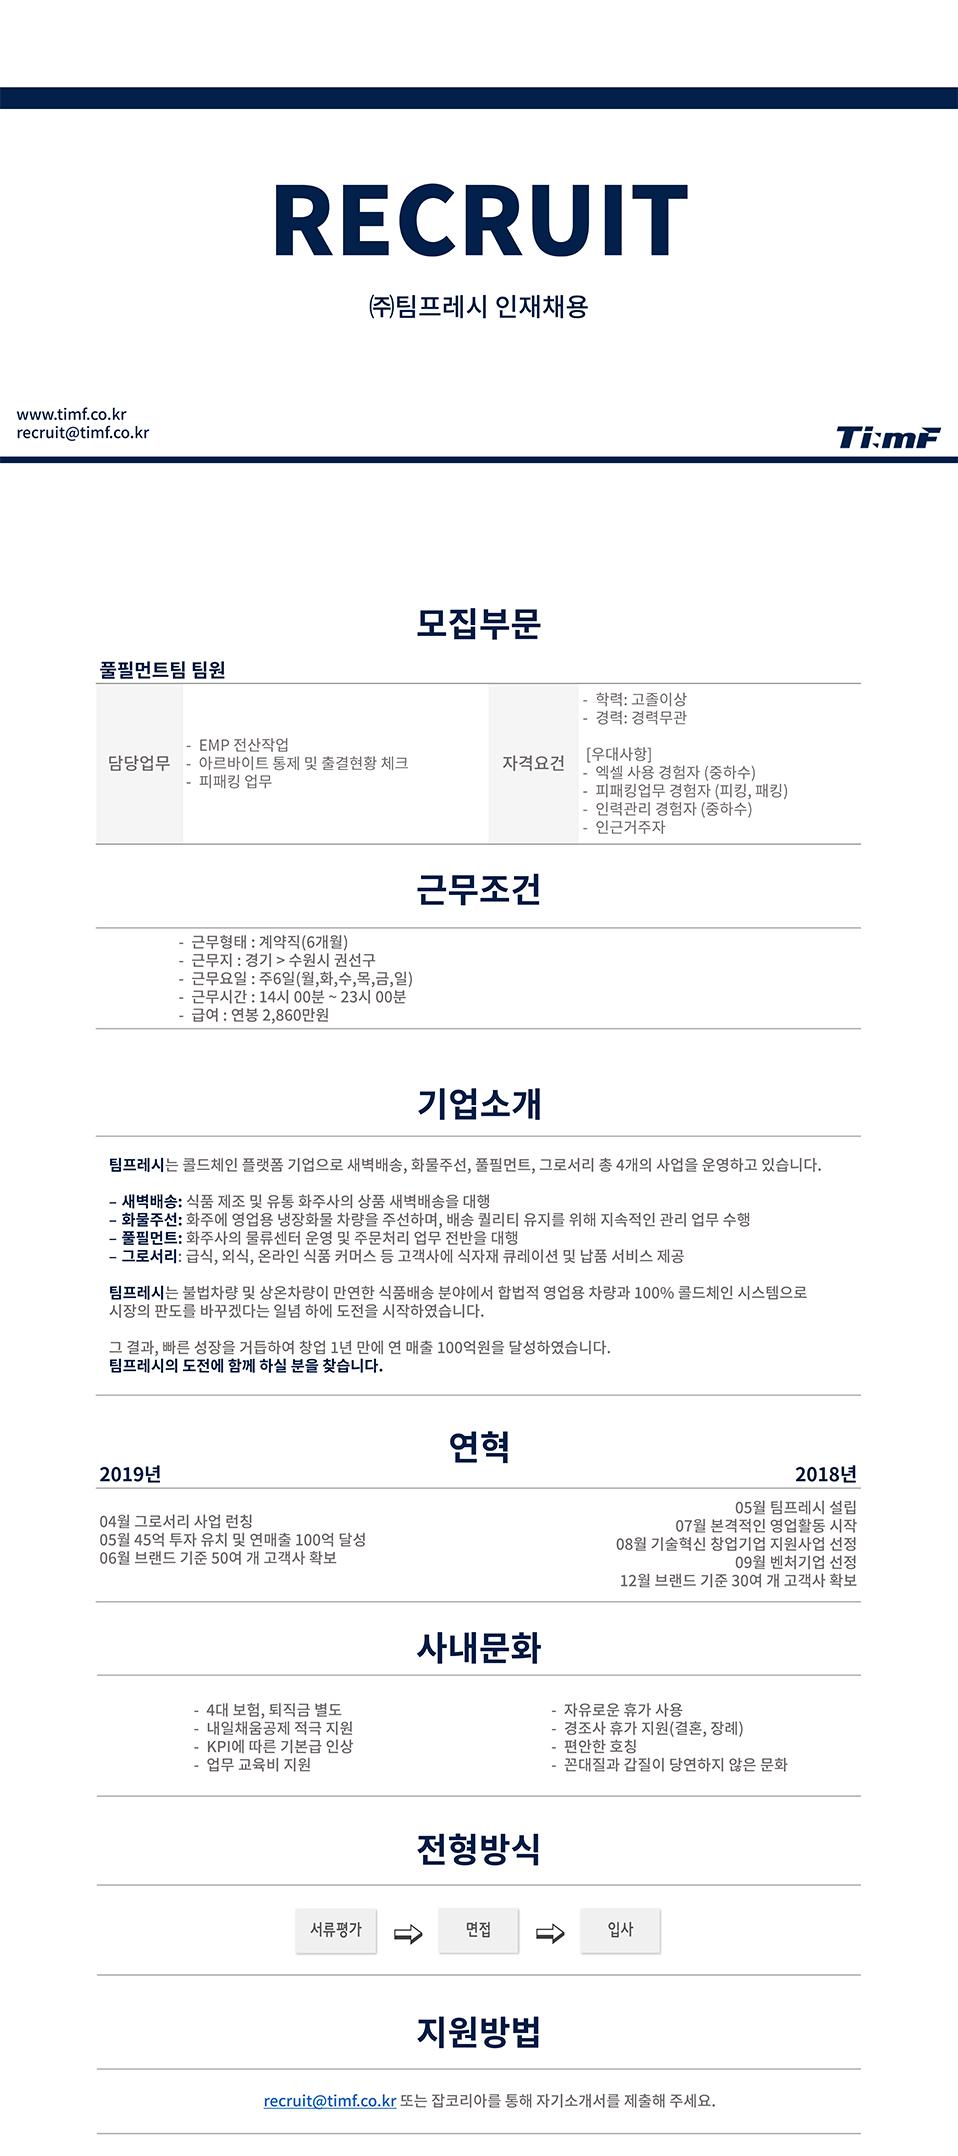 [주식회사 팀프레시] 풀필먼트팀 팀원 채용